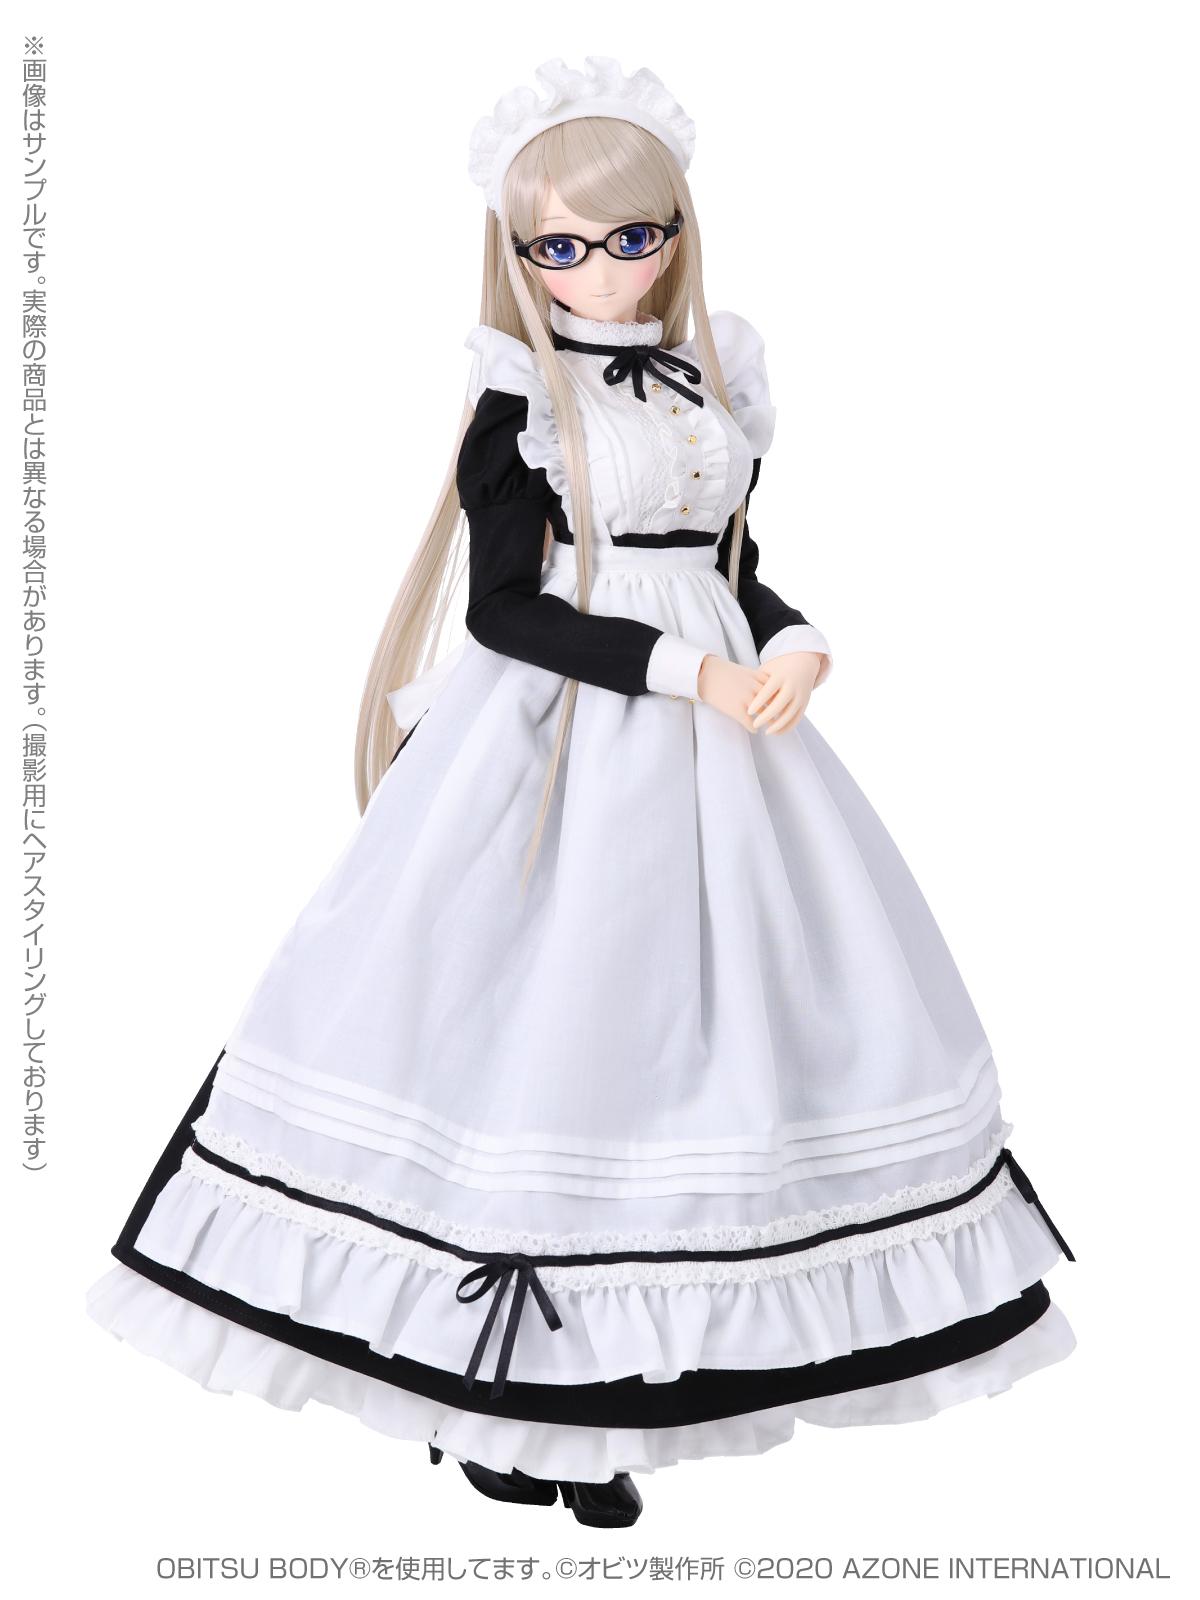 Iris Collect(アイリス コレクト)『ノワ/Classy Maid(Luxe black ver.)クラッシー・メイド(リュクス・ブラックver.)』1/3 完成品ドール-002